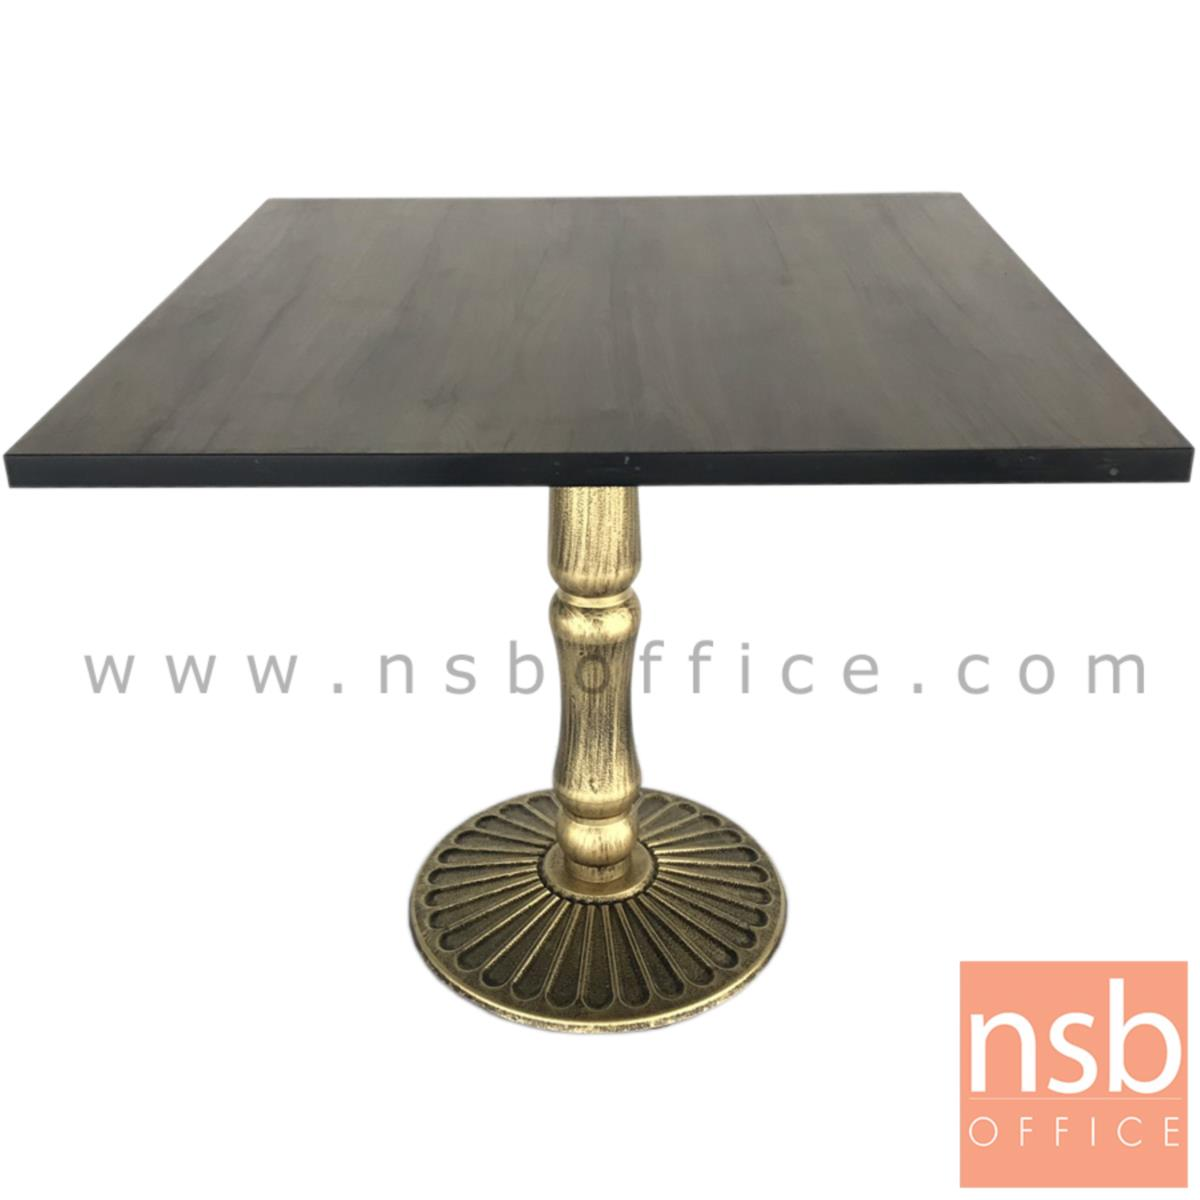 A14A227:โต๊ะหน้าเมลามีน รุ่น RHINE (ไรน์) ขนาด 80W cm. ขาเหล็กสีทอง